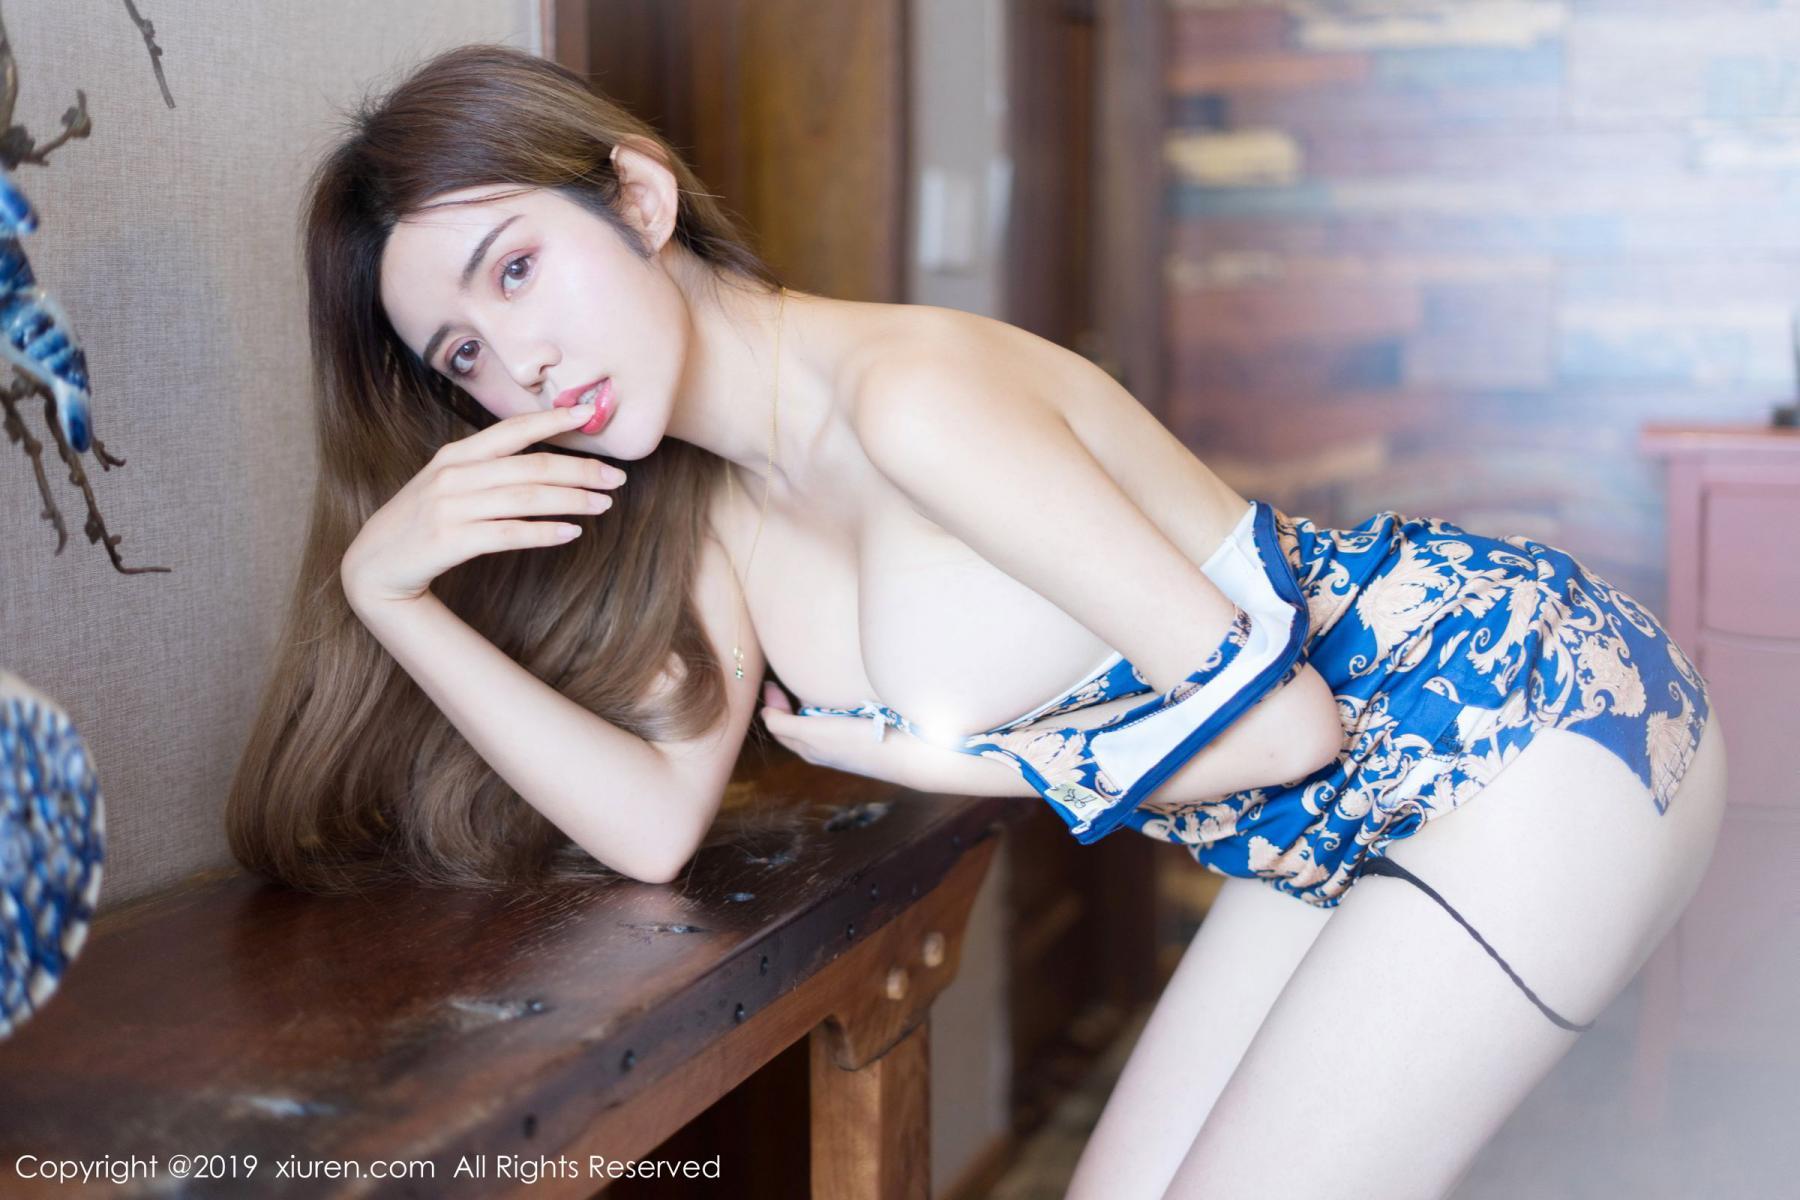 [XiuRen] Vol.1794 Zhuo Ya Qi 20P, Cheongsam, Underwear, Xiuren, Zhuo Ya Qi